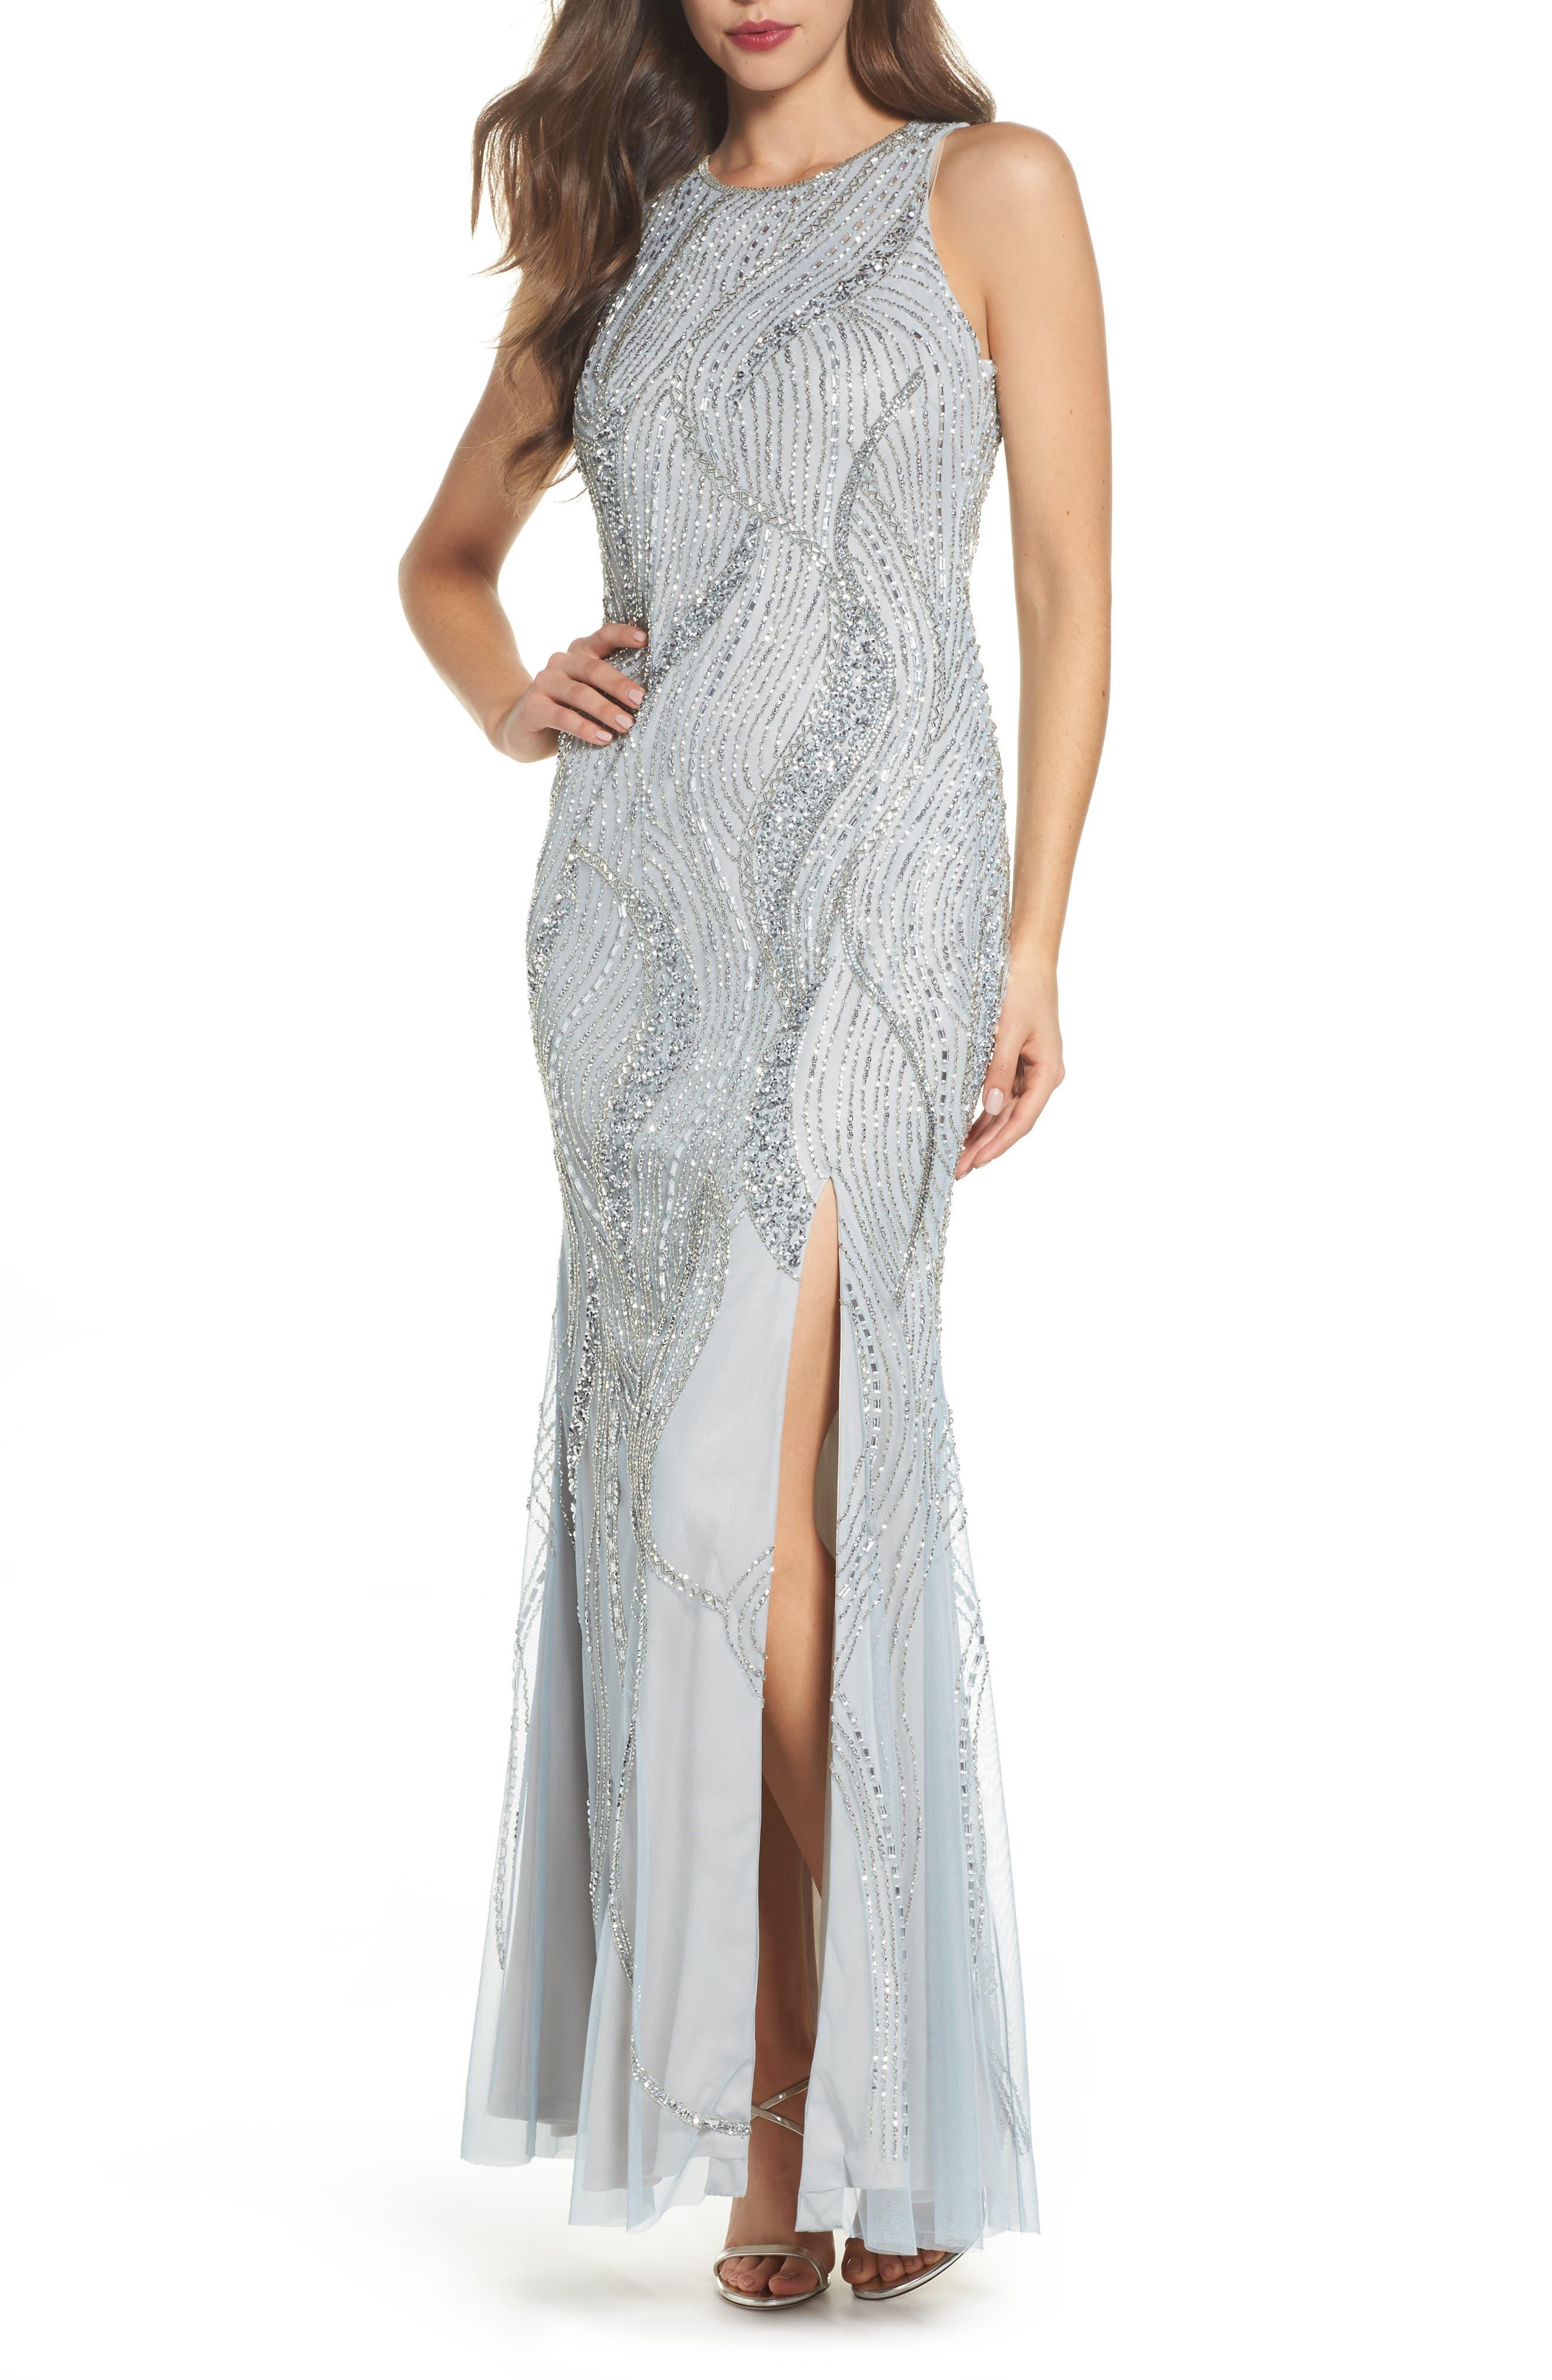 Swirl Beaded Long Dress,                             Main thumbnail 1, color,                             040